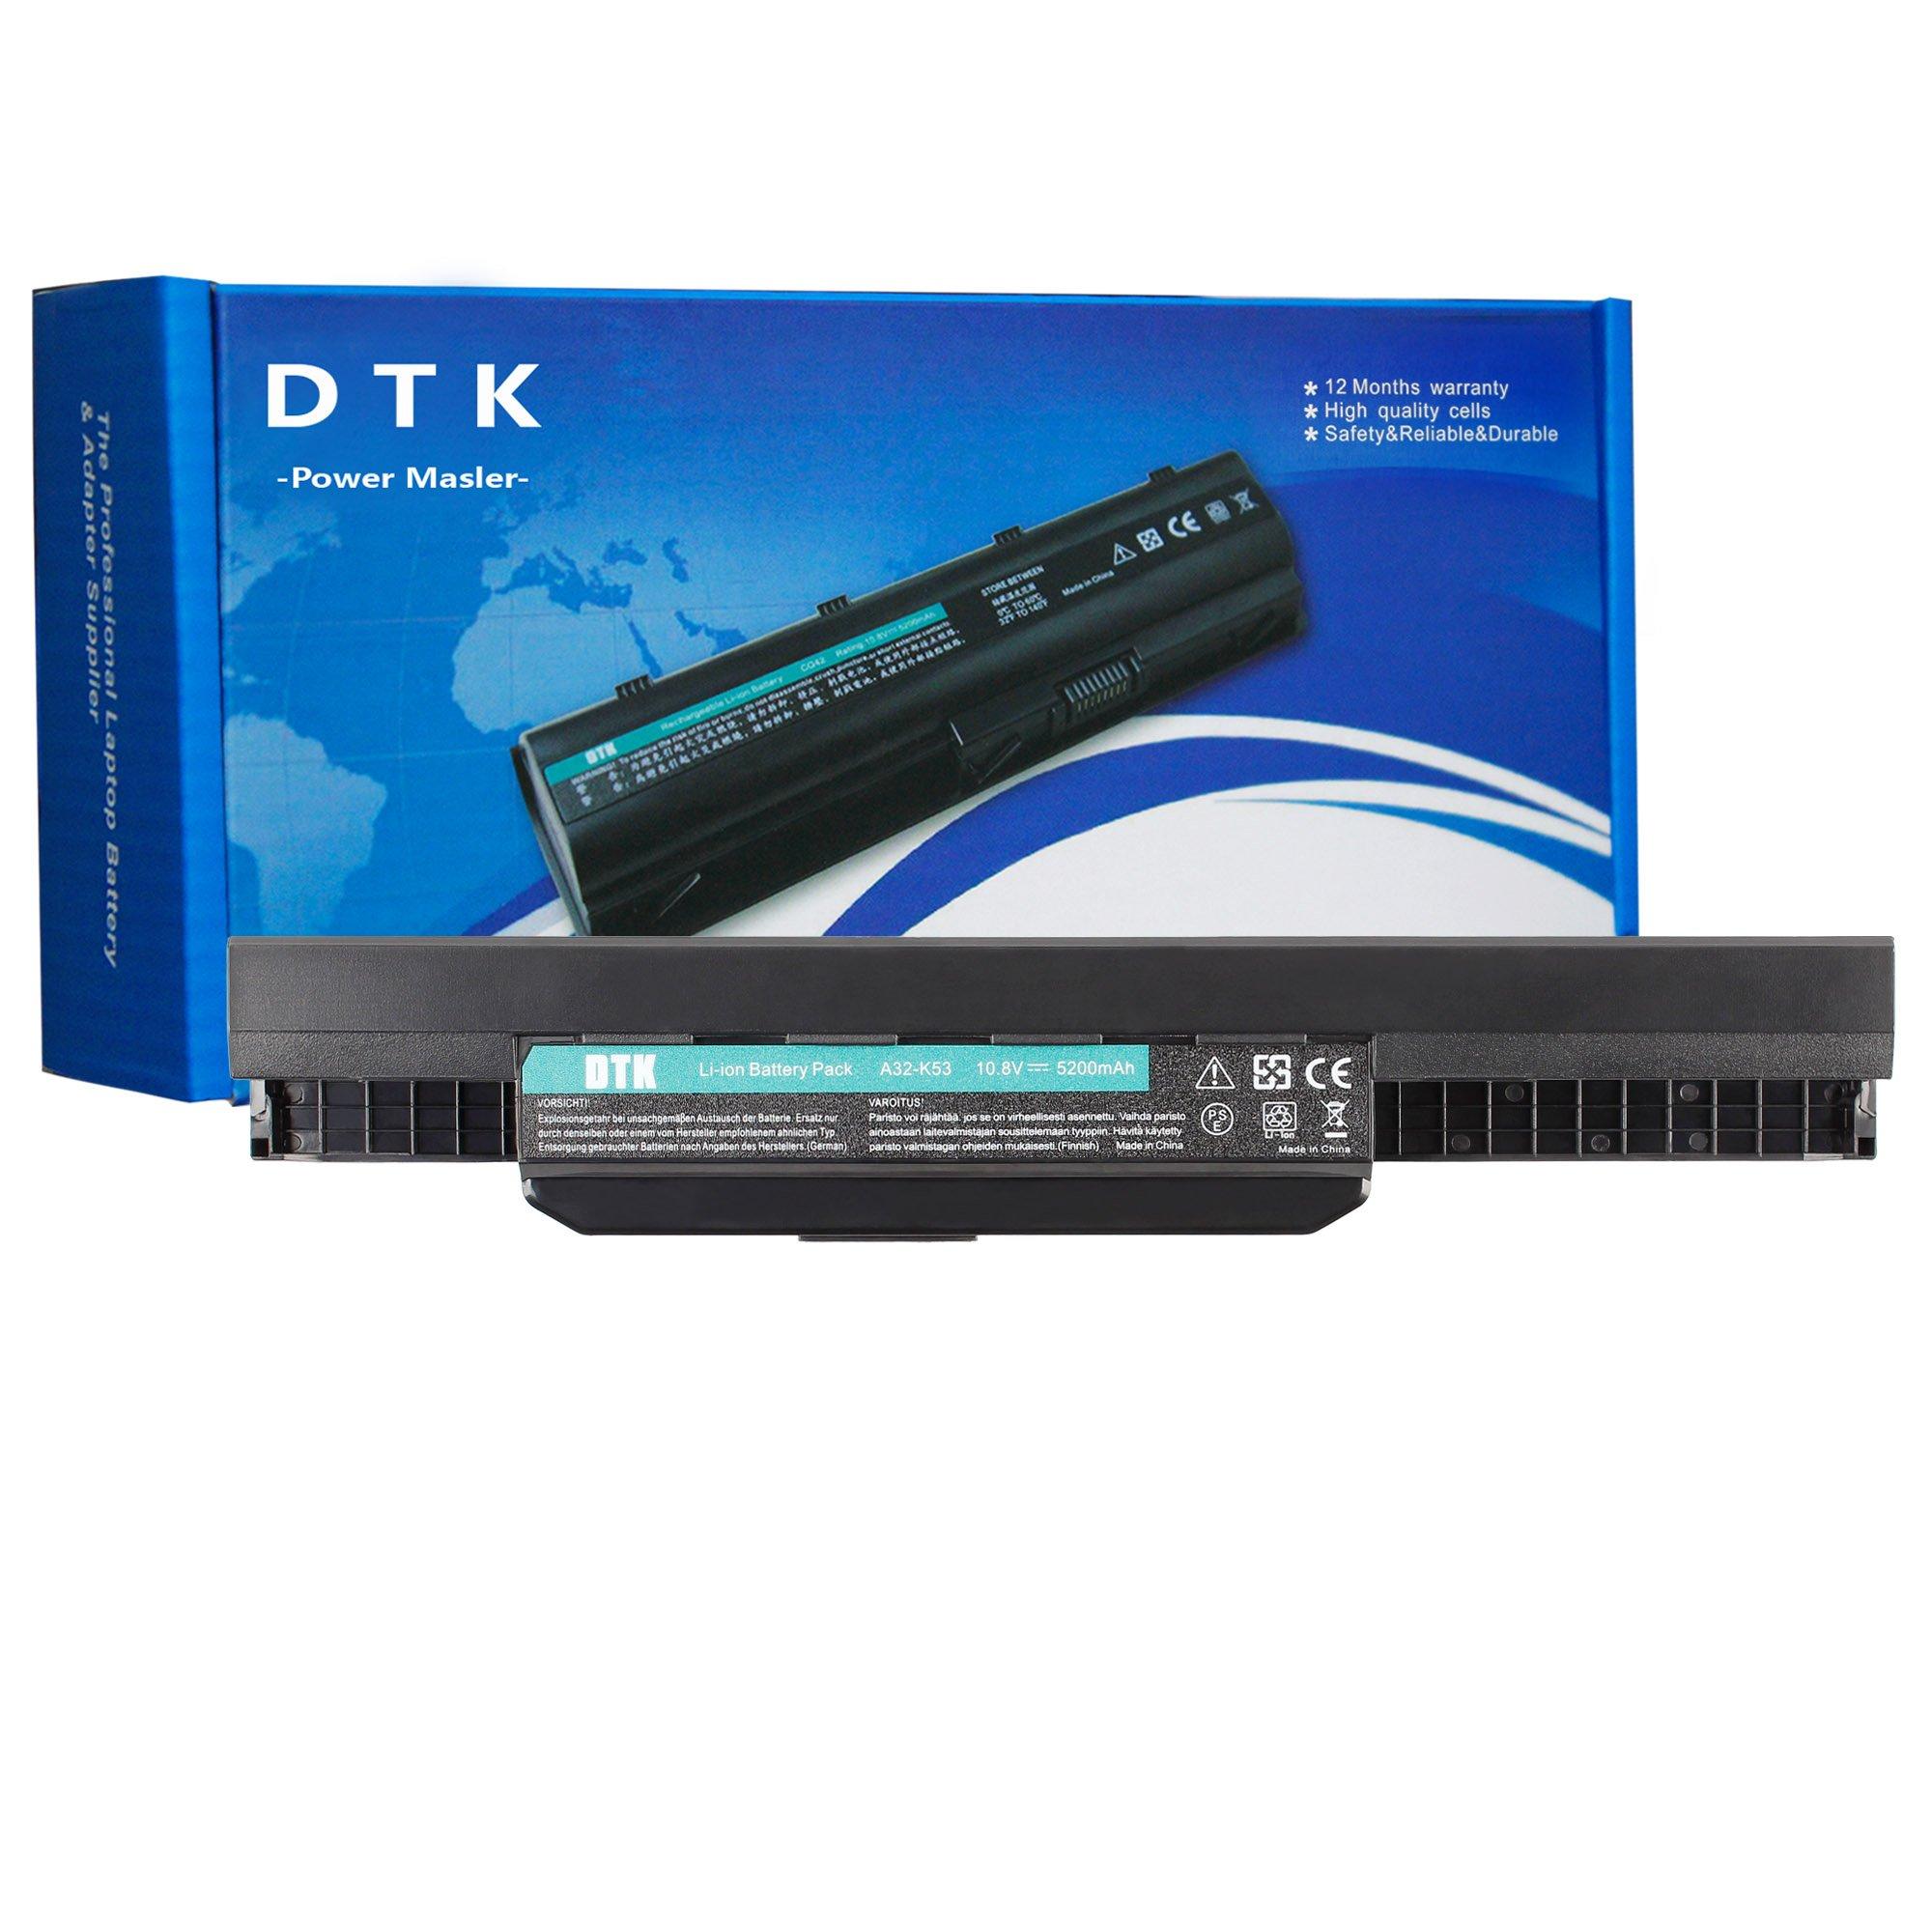 Bateria A32-k53 A41-k53 A42-k53 Para Asus X54c A53e A53s X54c X54l K43s K53e 10.8v 5200mah 6- Celdas